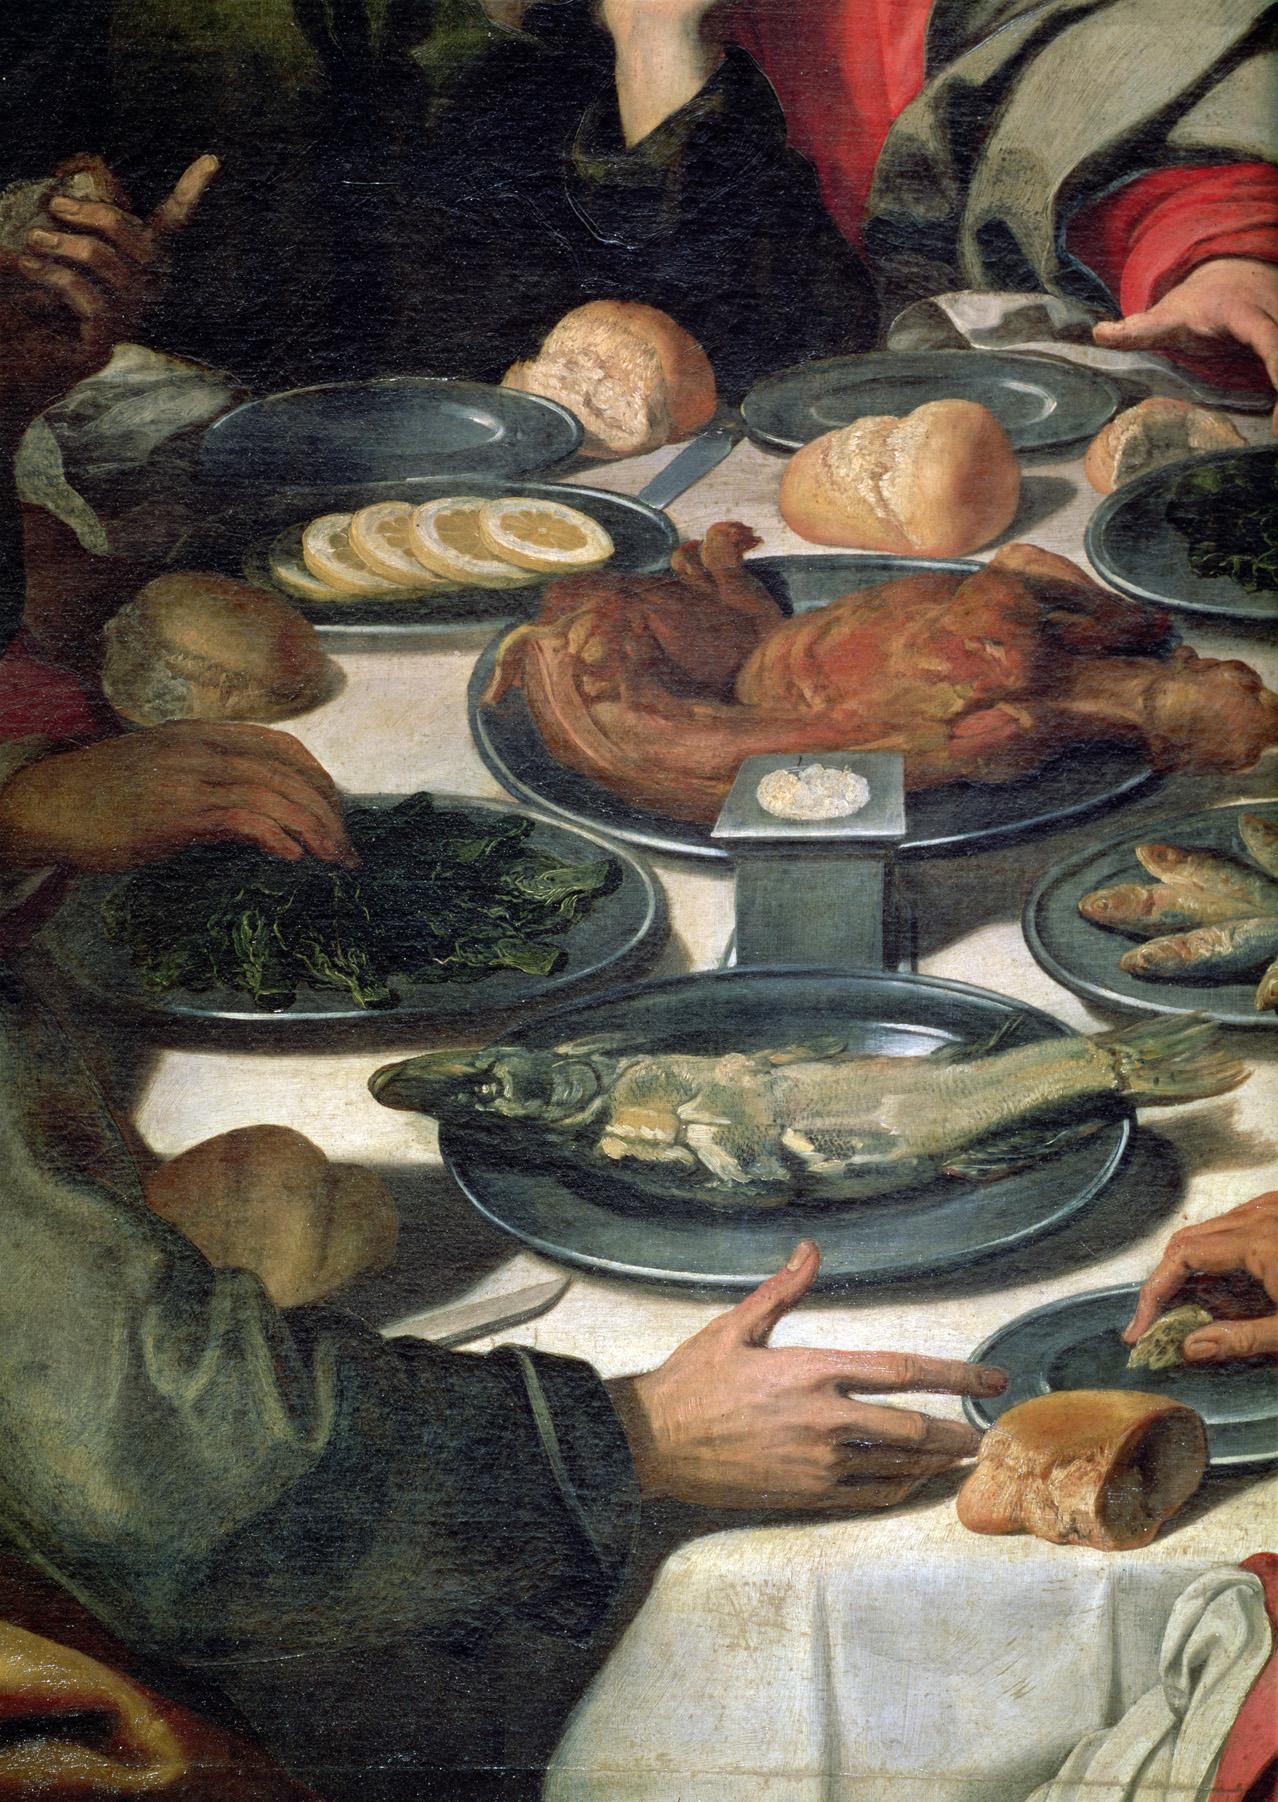 The Last Supper (detail), by Daniele Crespi, c. 1630. Pinacoteca di Brera, Milan.